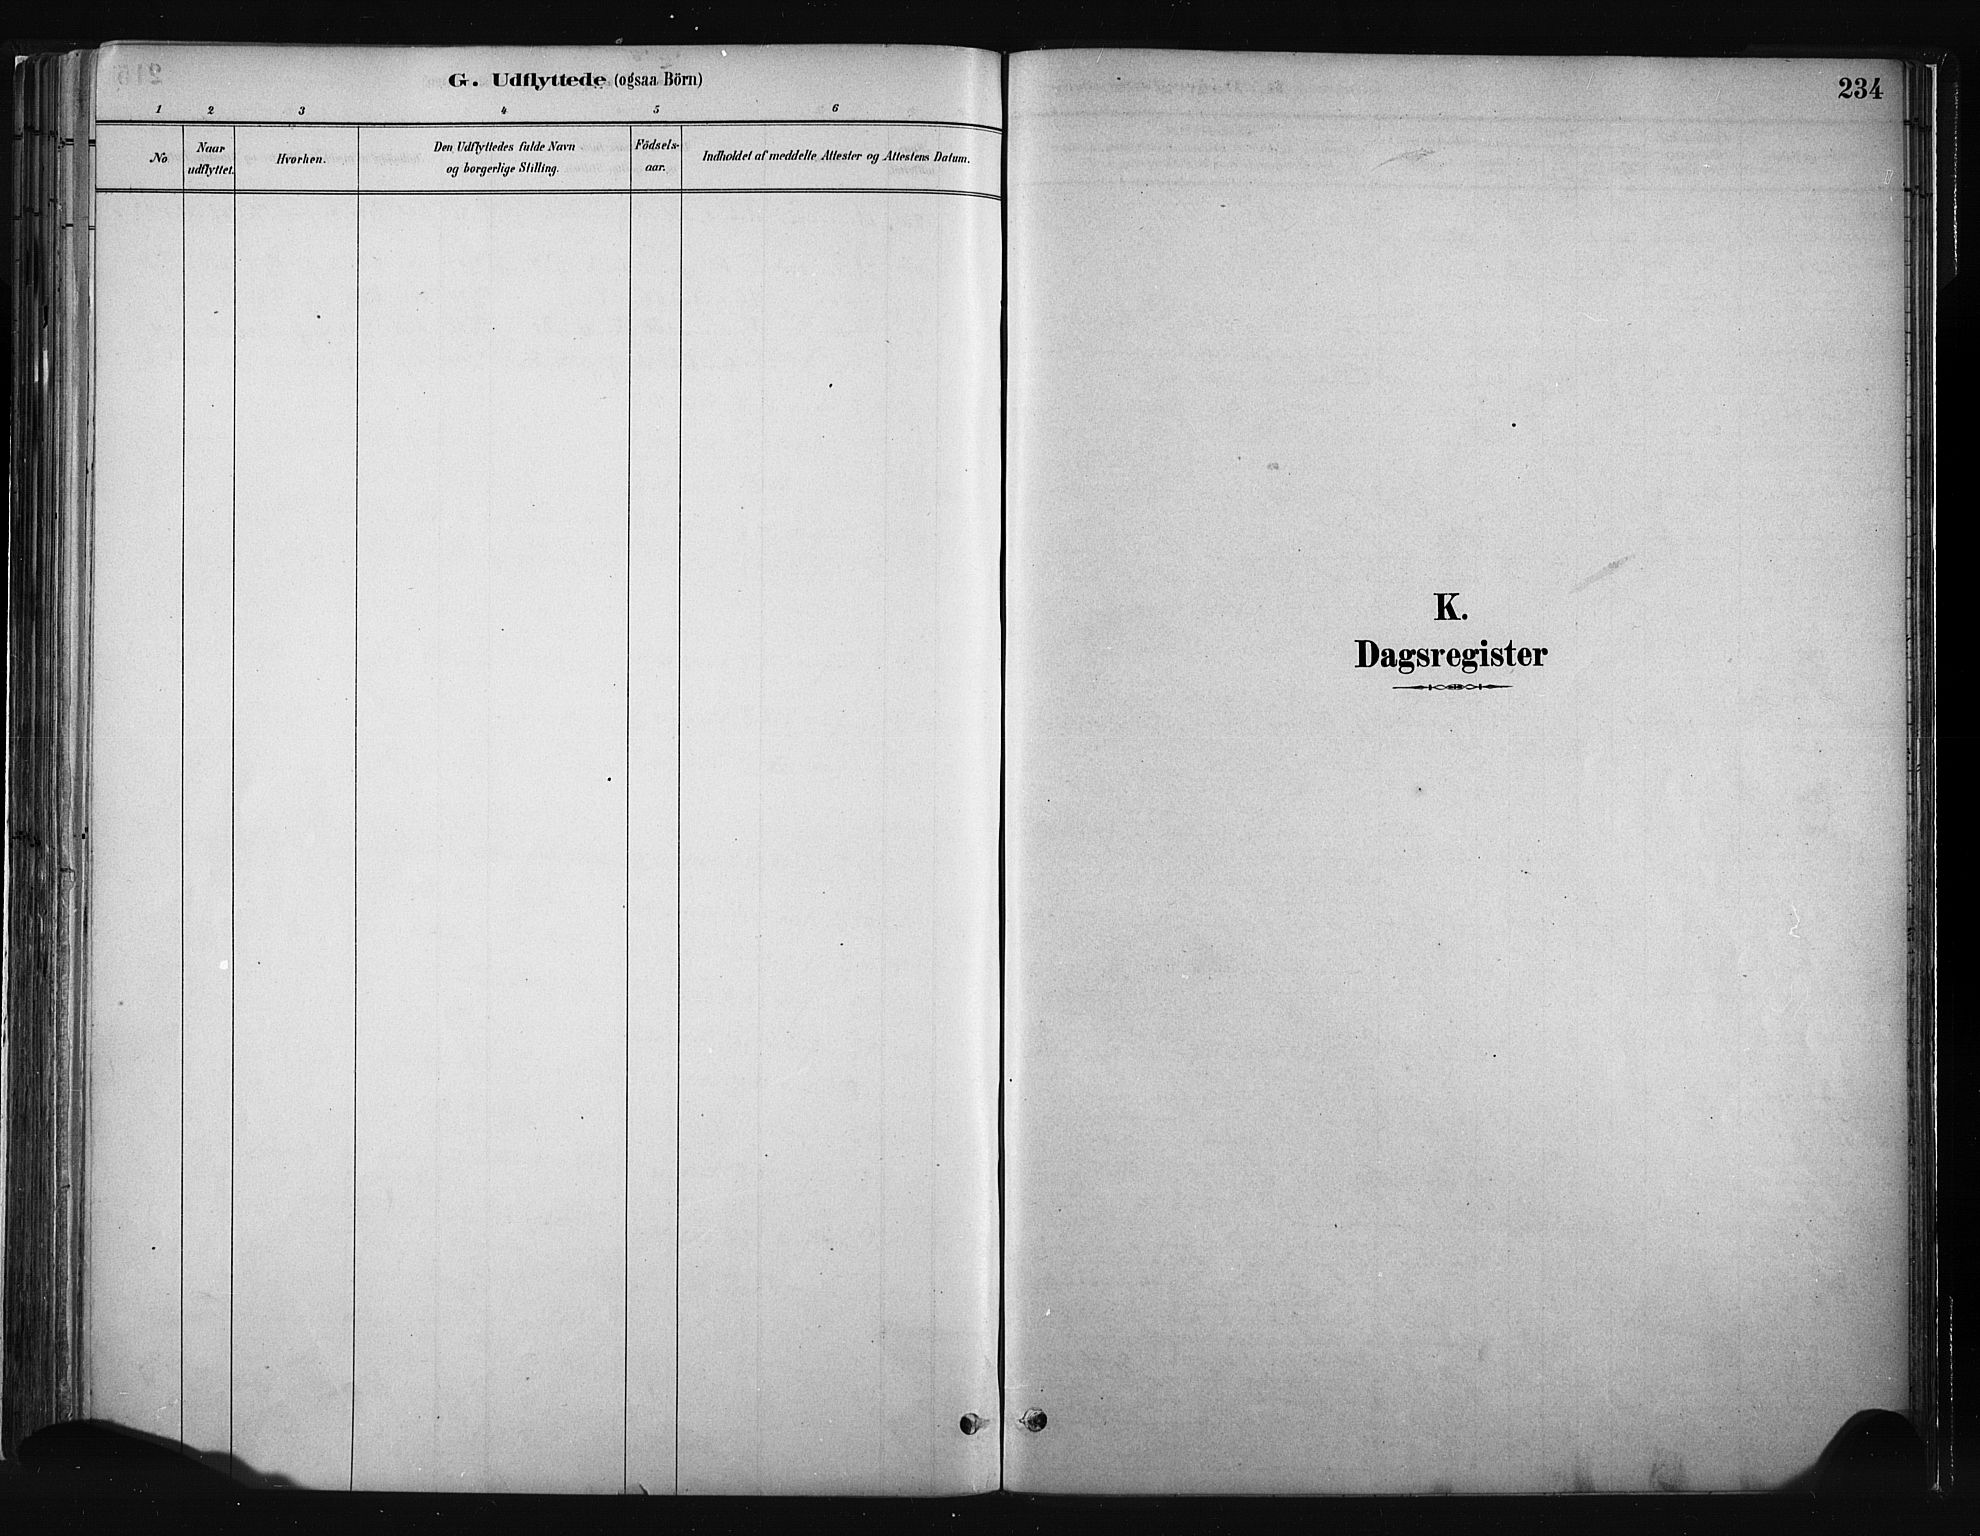 SAH, Vang prestekontor, Valdres, Ministerialbok nr. 8, 1882-1910, s. 234